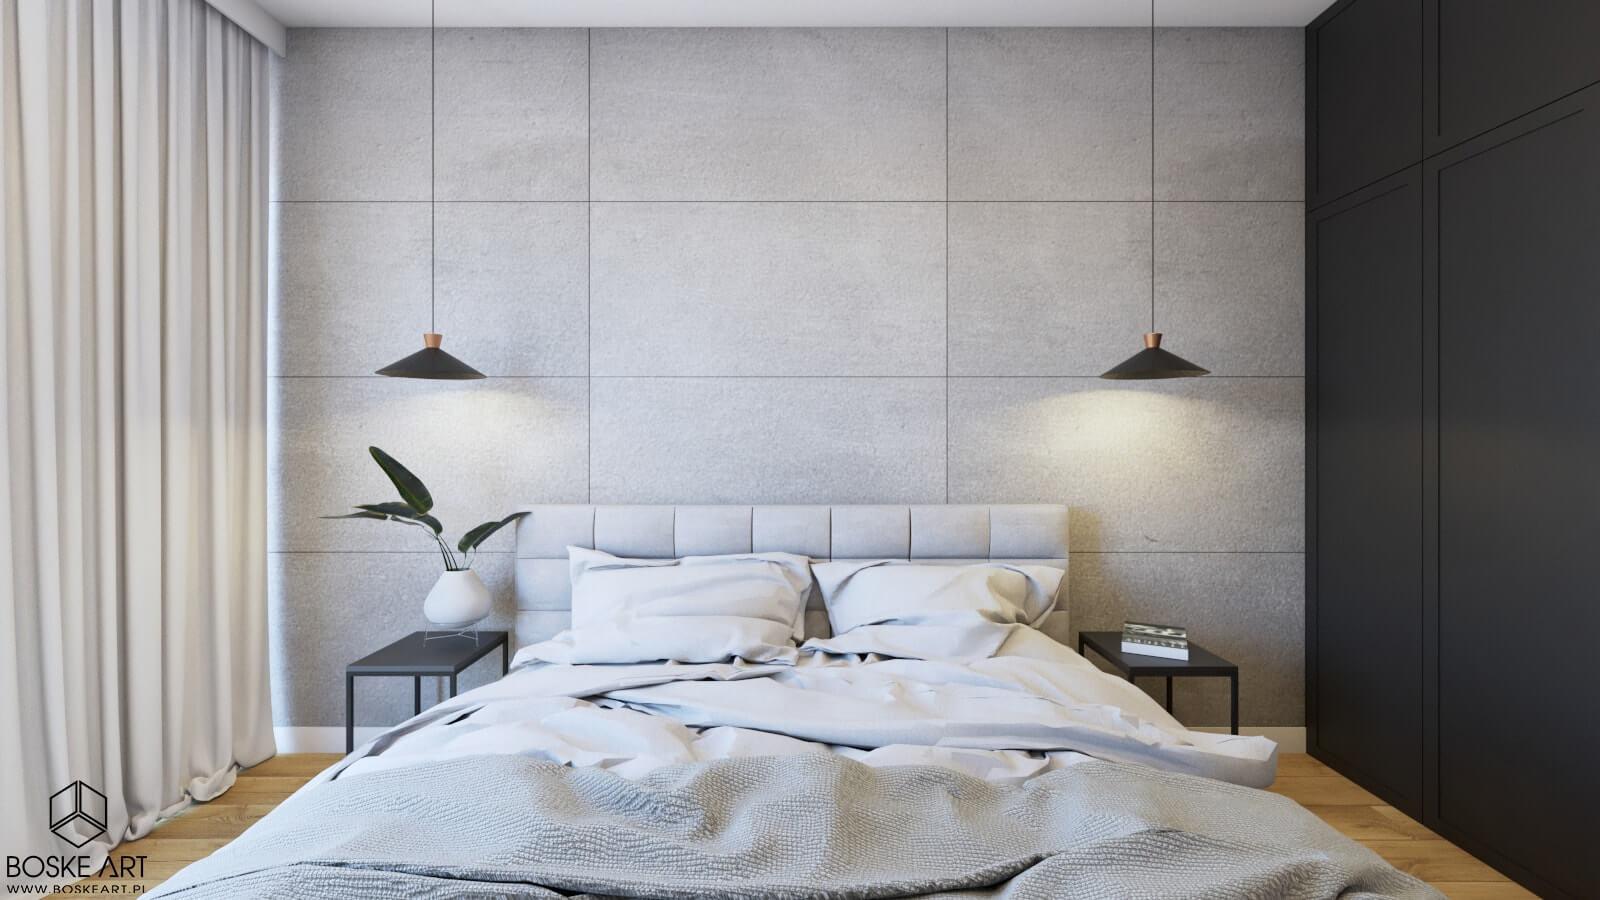 19_mieszkanie_poznan_boske_art_projektowanie_wnetrz_architektura_natalia_robaszkiewicz-min